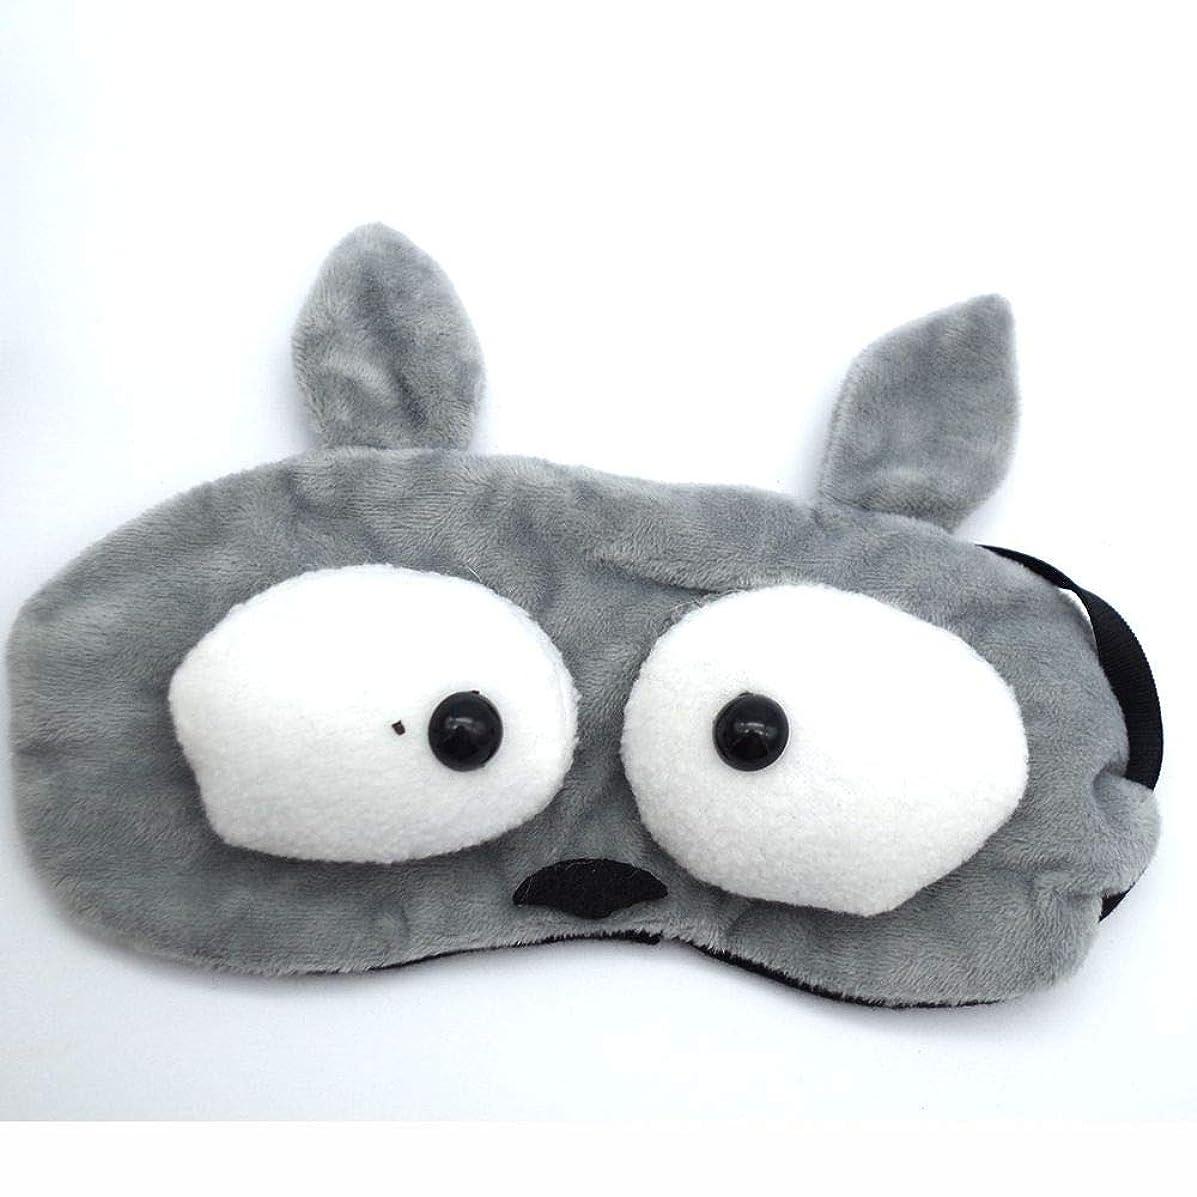 五愛撫疑わしいNOTE 1ピースかわいい動物睡眠アイマスクパッド入りシェードカバーフランネル睡眠マスク休息旅行リラックス睡眠補助目隠しカバーアイパット